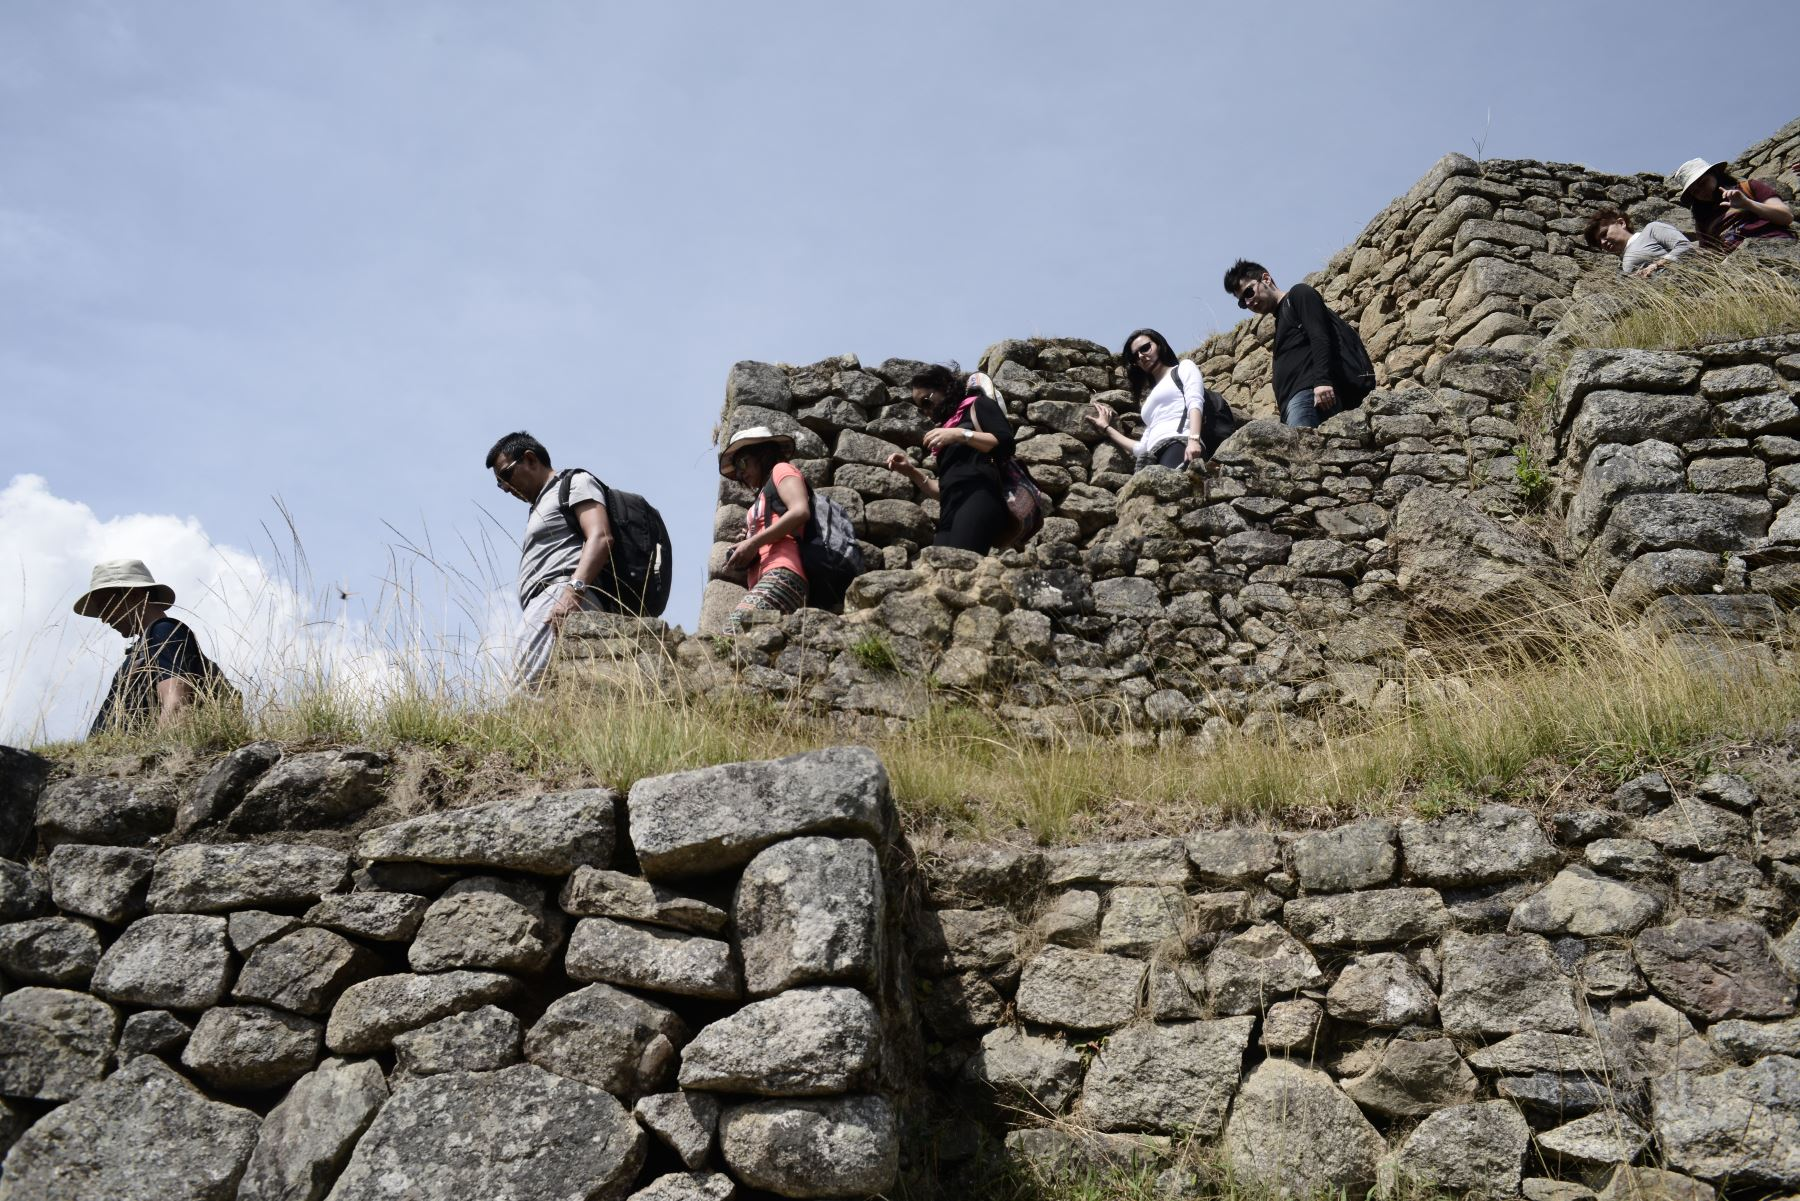 Esta foto tomada el 27 de agosto de 2016 muestra a los visitantes admirando las ruinas de Machu Picchu, que se encuentra a 2,430 metros sobre el nivel del mar. Incrustado en un paisaje espectacular en el punto de encuentro entre los Andes peruanos y la cuenca del Amazonas, el Santuario Histórico de Machu Picchu es uno de los mayores logros artísticos, arquitectónicos y de uso de la tierra en cualquier lugar y el legado tangible más significativo de la civilización Inca.  Foto: AFP